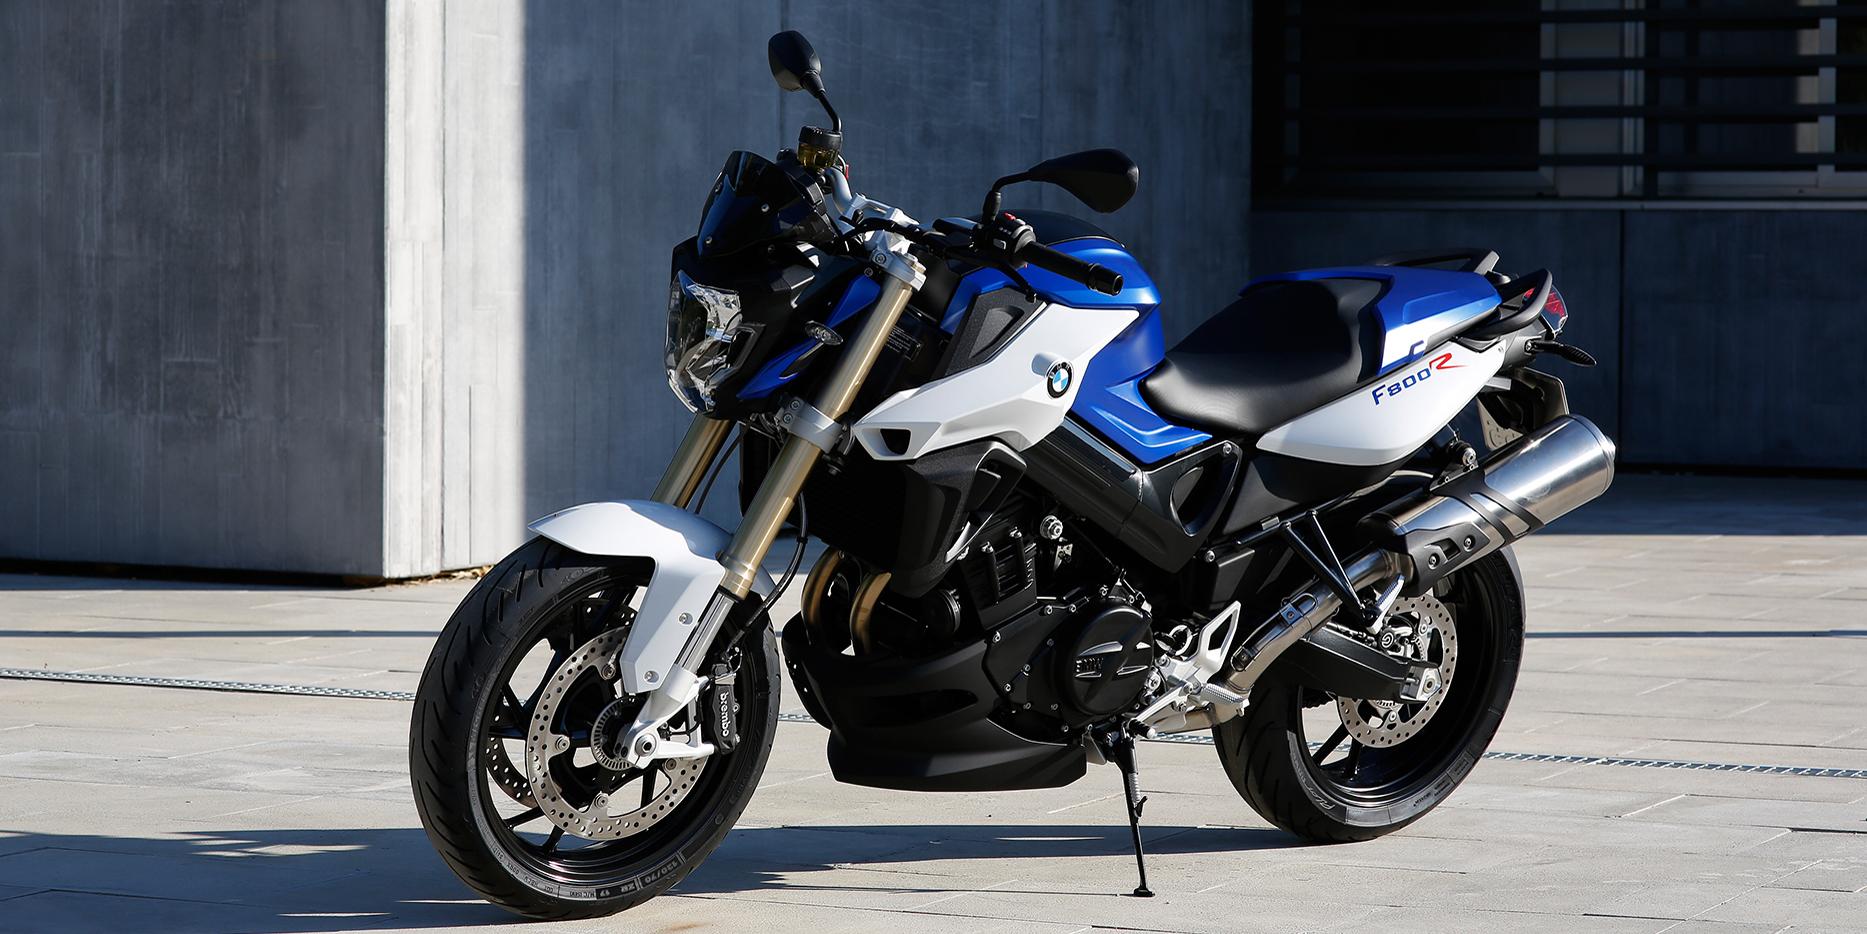 Así cerró el sector de las dos ruedas el 2015: Honda, Yamaha y Kymco en lo más alto